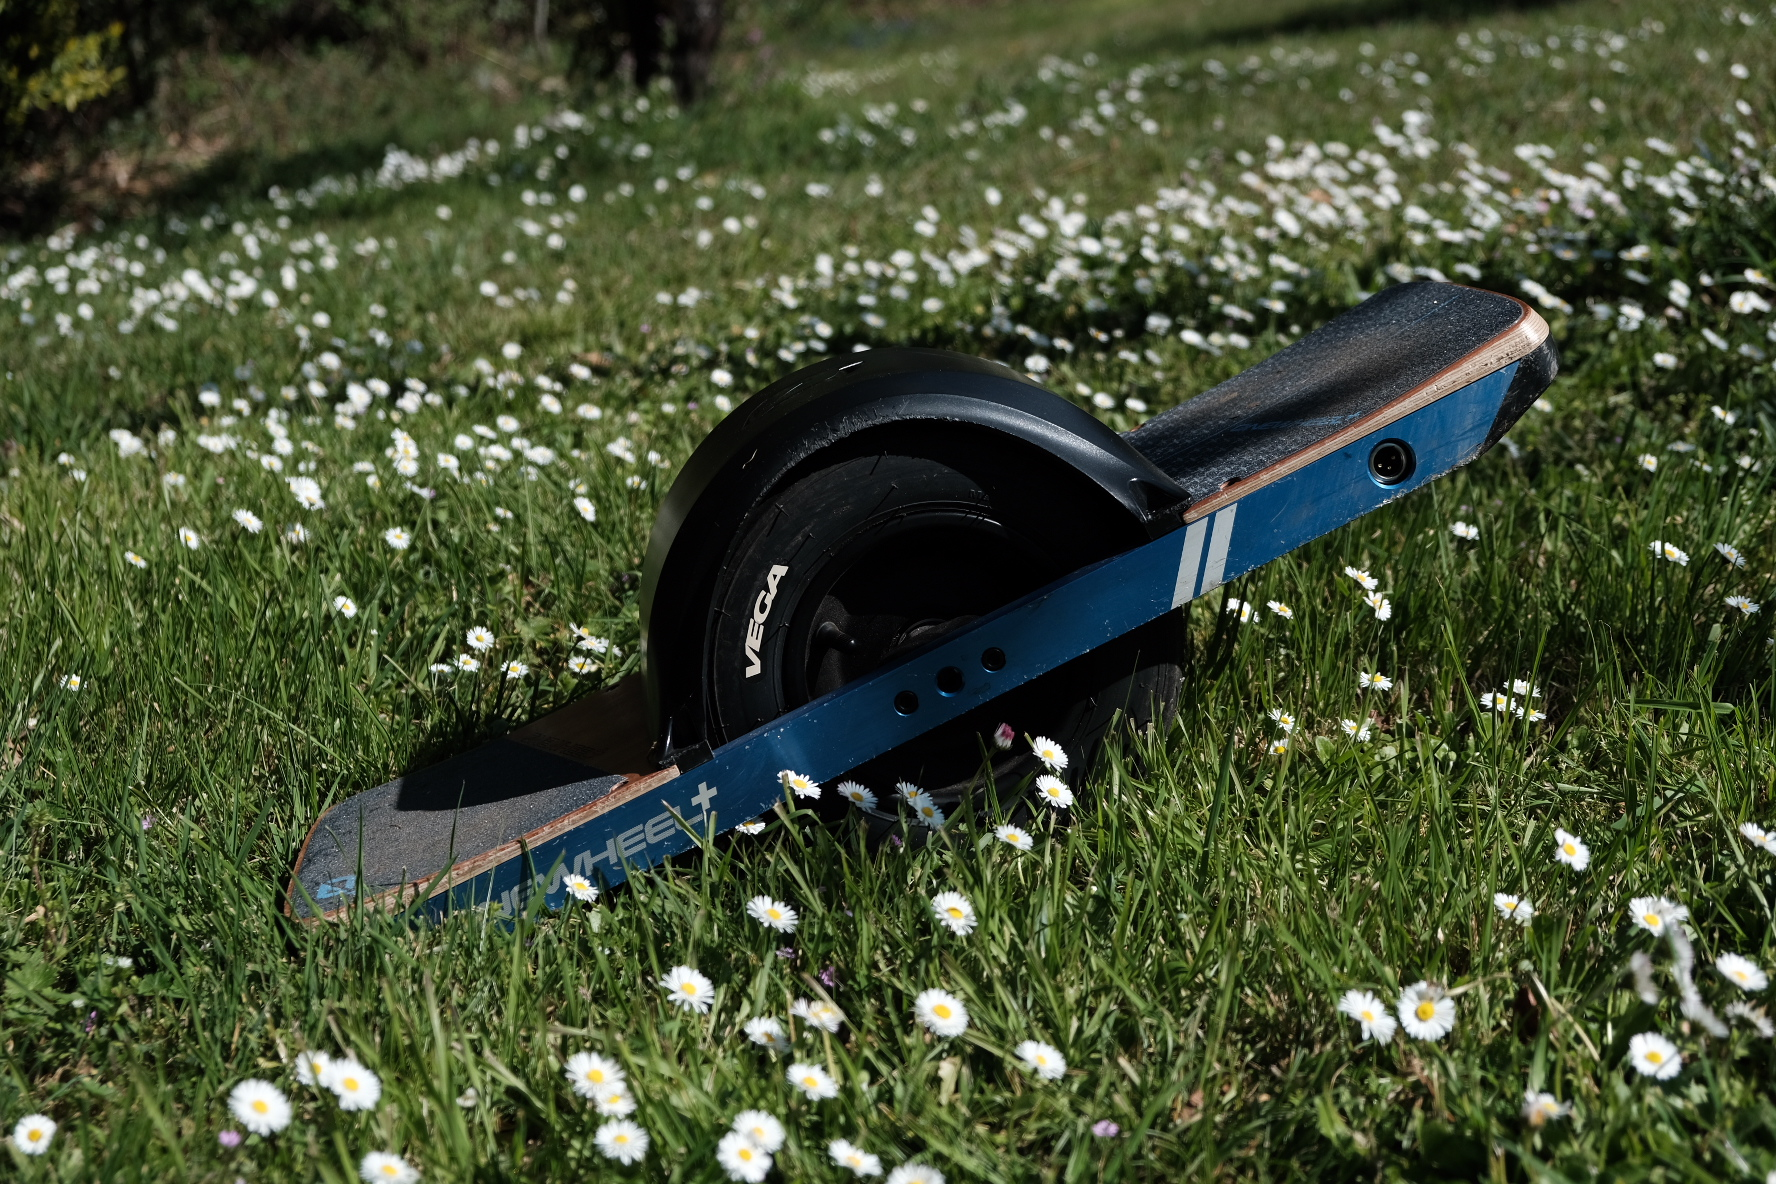 Onewheel 3